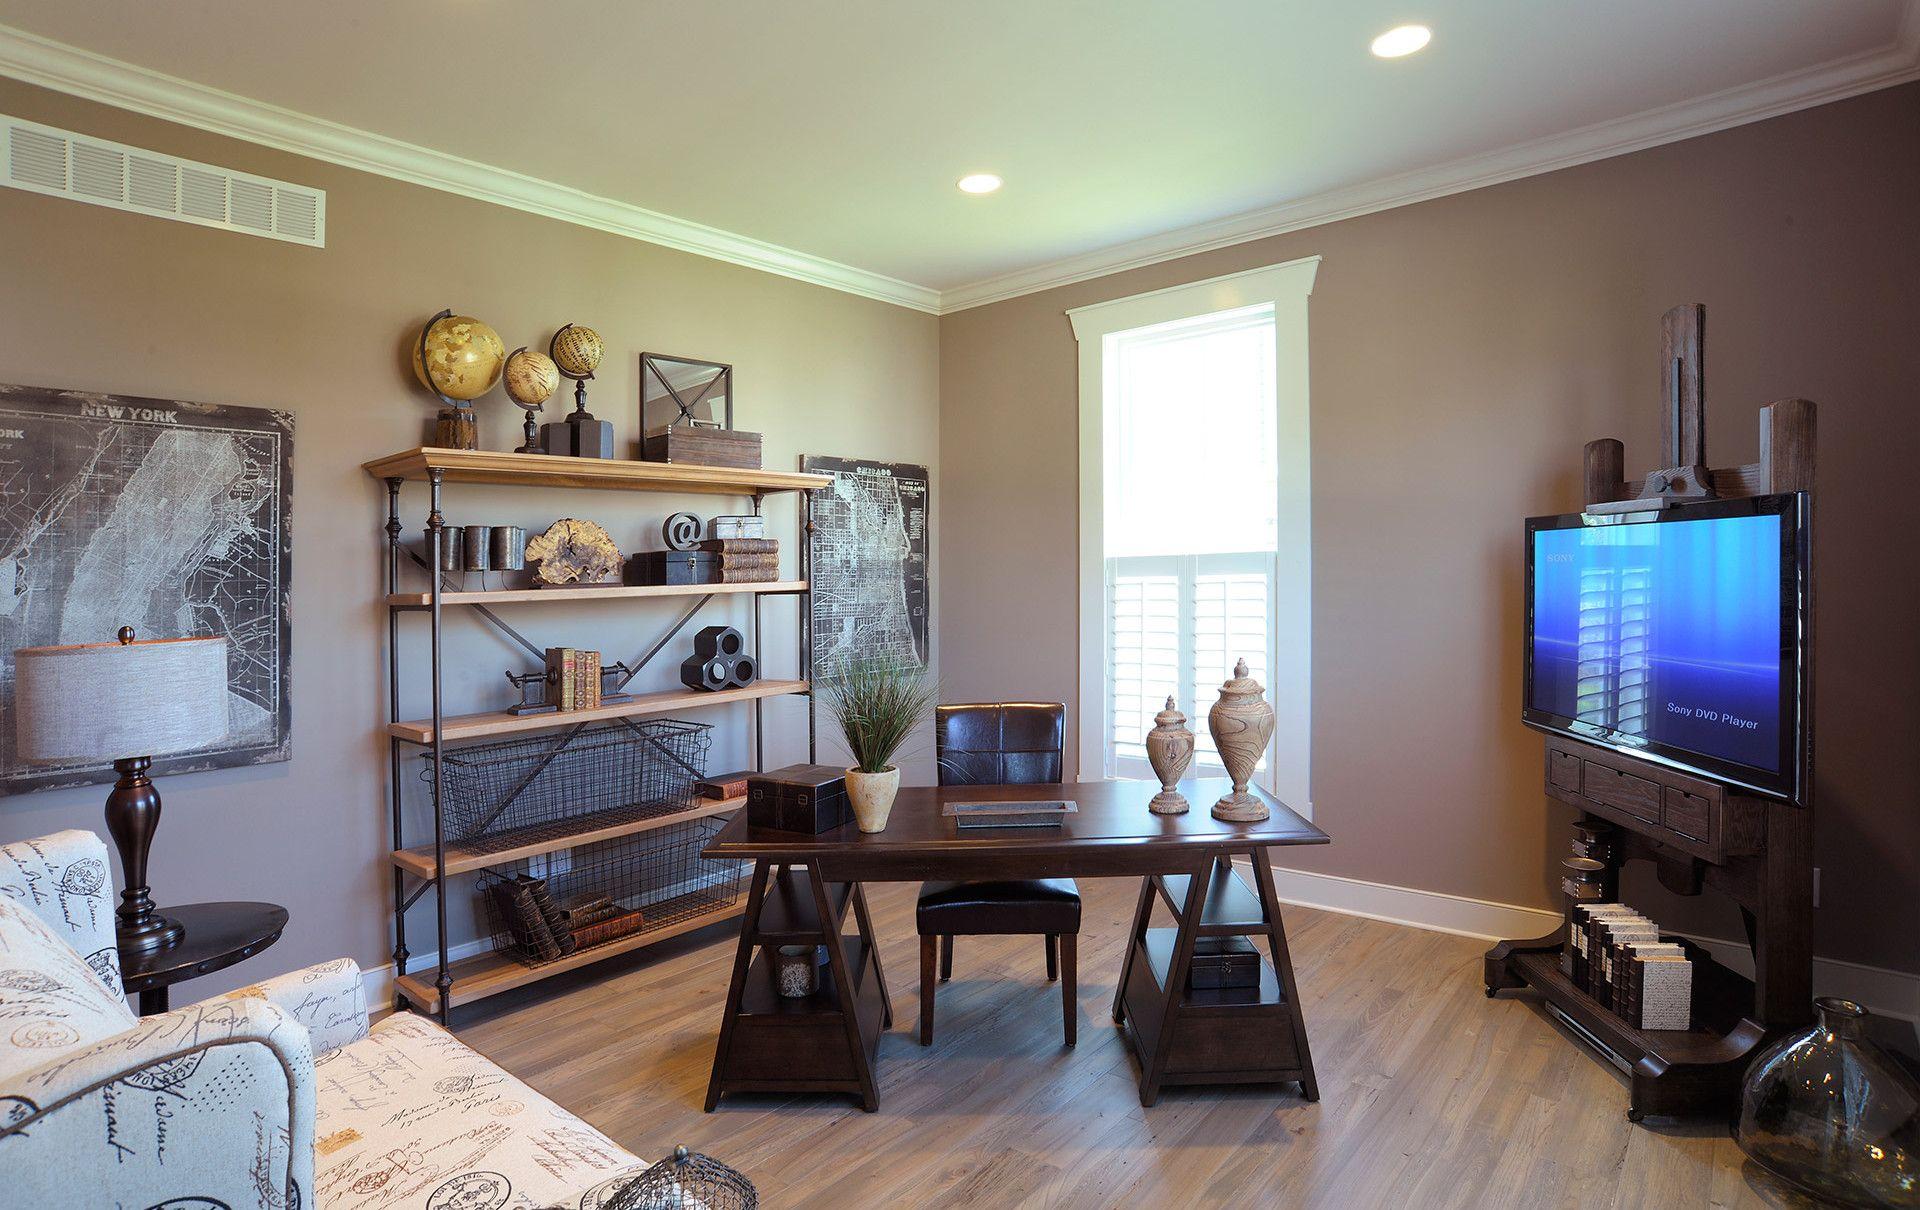 Interior Design Services Ohio Canton Medina Andreas Furniture